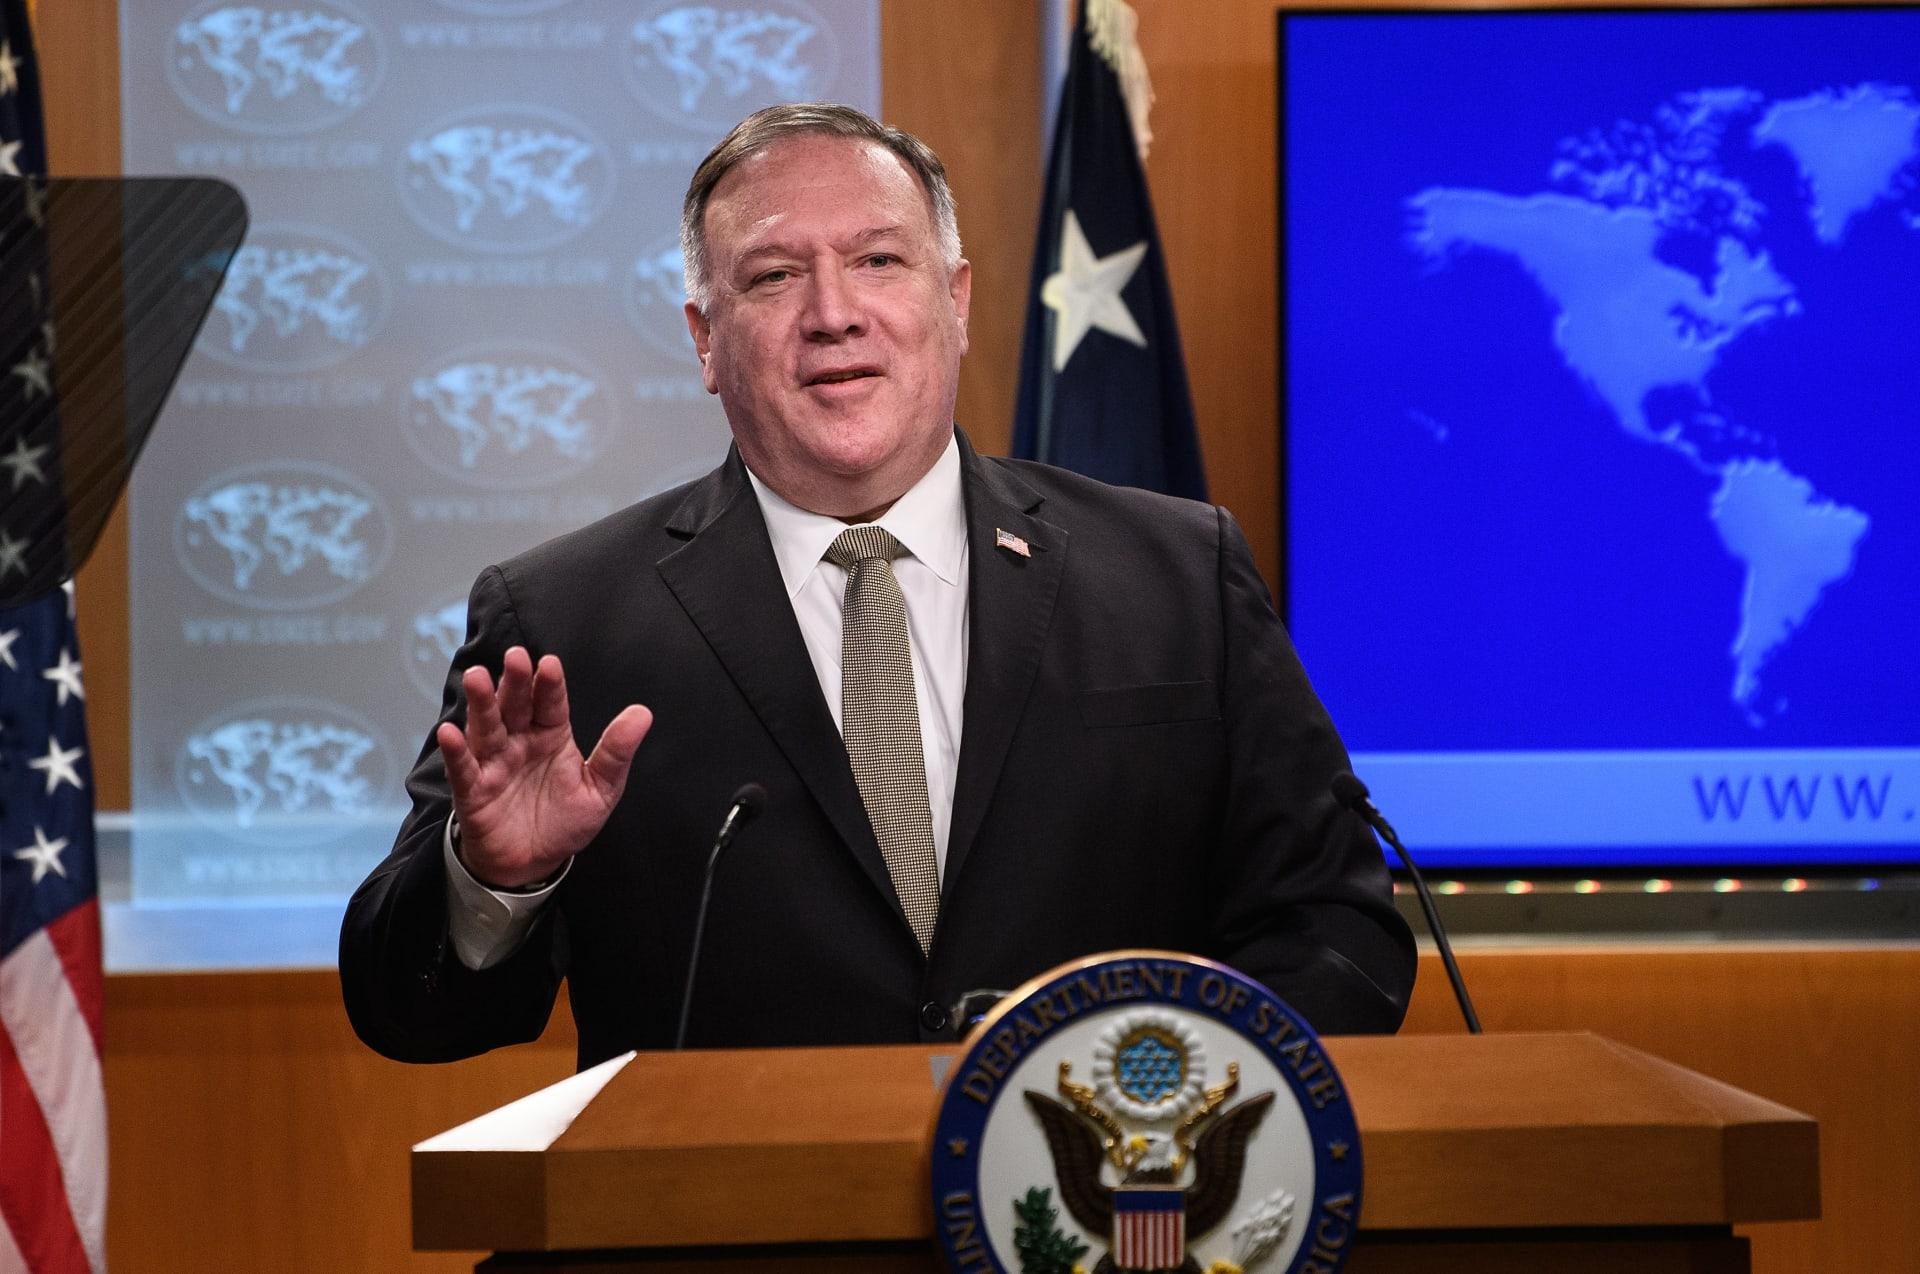 نقلا أموالا من الحكومة لحزب الله.. أمريكا تدرج وزيرين لبنانيين سابقين على قوائم العقوبات